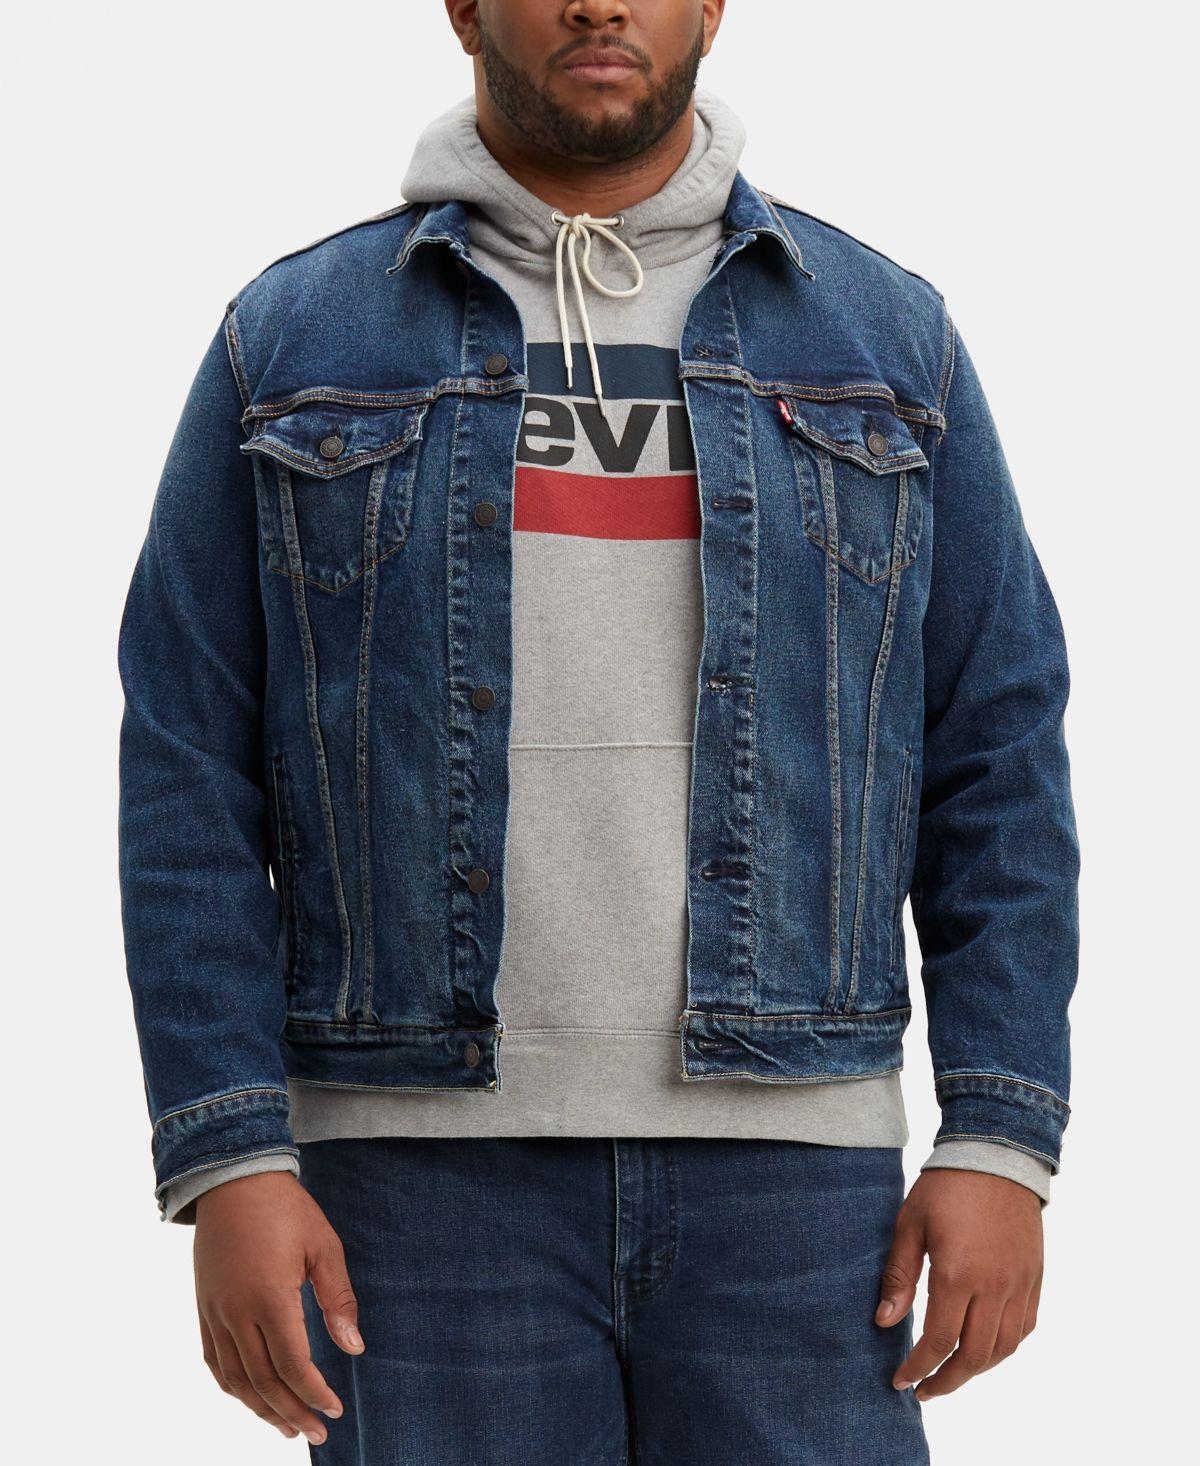 Levi S Men S Big Tall Stretch Denim Trucker Jacket Reviews Coats Jackets Men Macy S Mens Big And Tall Trucker Jacket Stretch Denim [ 1466 x 1200 Pixel ]